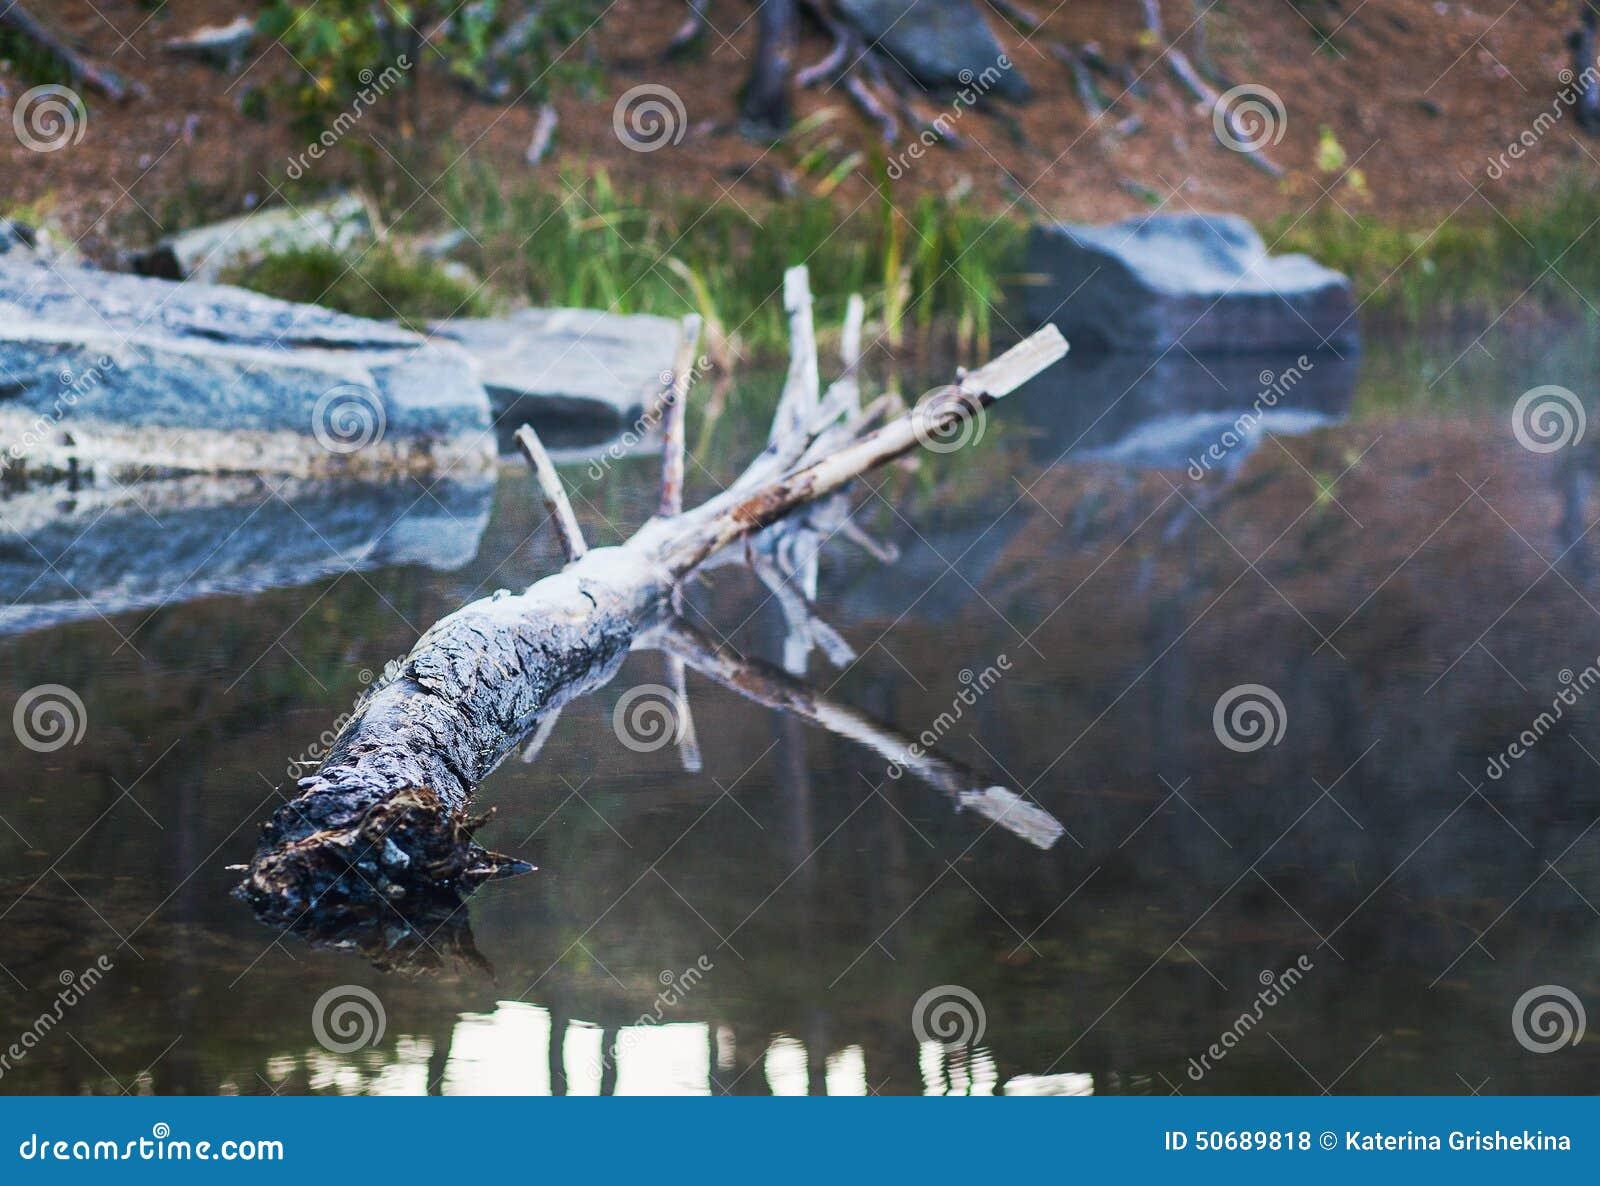 Download 花岗岩猎物 库存照片. 图片 包括有 薄雾, 安静, 早晨, 有历史, 微积分, 环境, 绿色, 影响, 开放 - 50689818